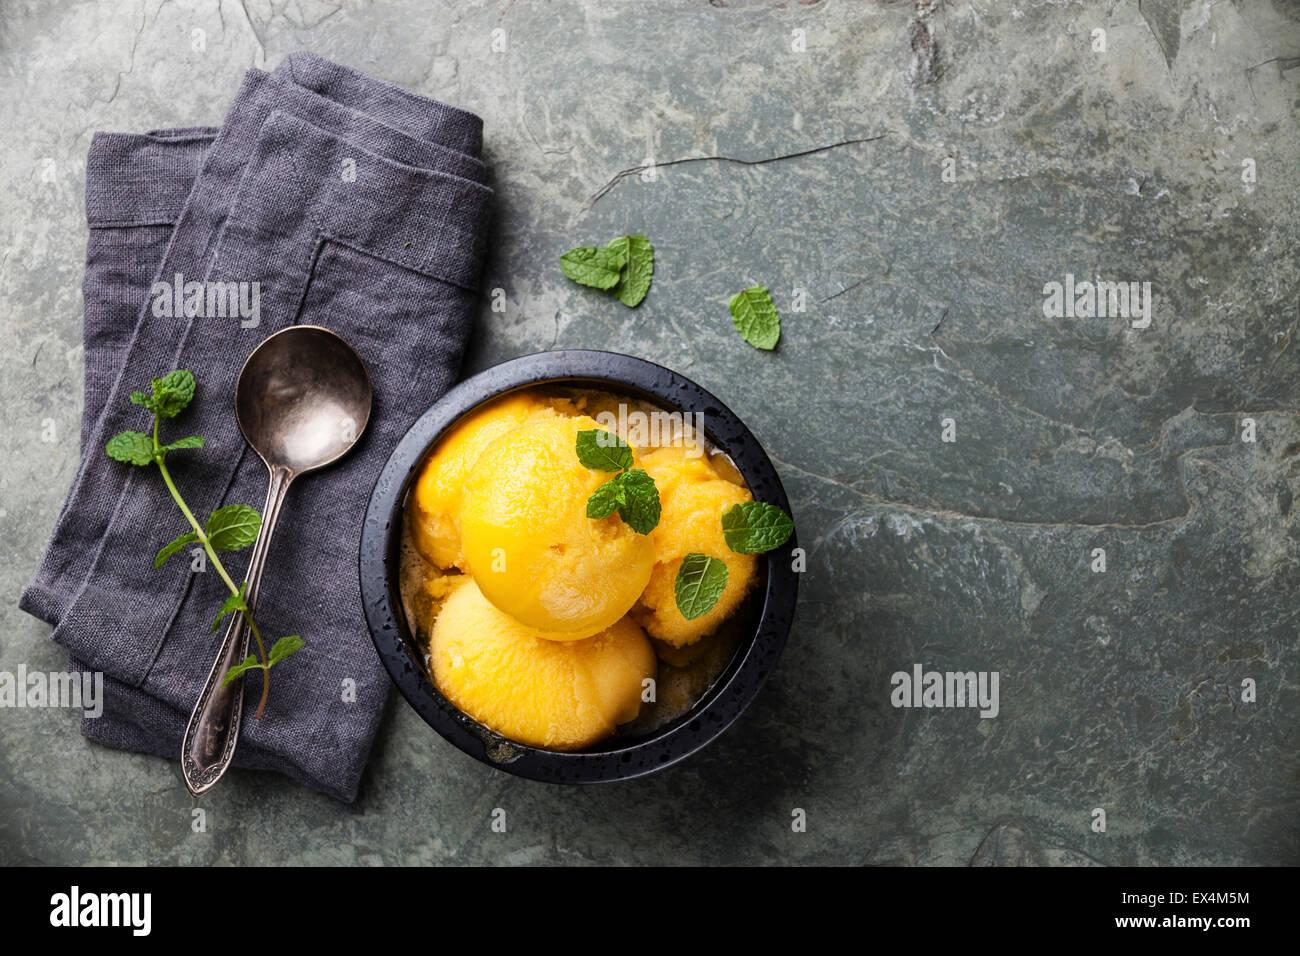 La crème glacée, sorbet de mangue avec les feuilles de menthe sur fond ardoise Photo Stock